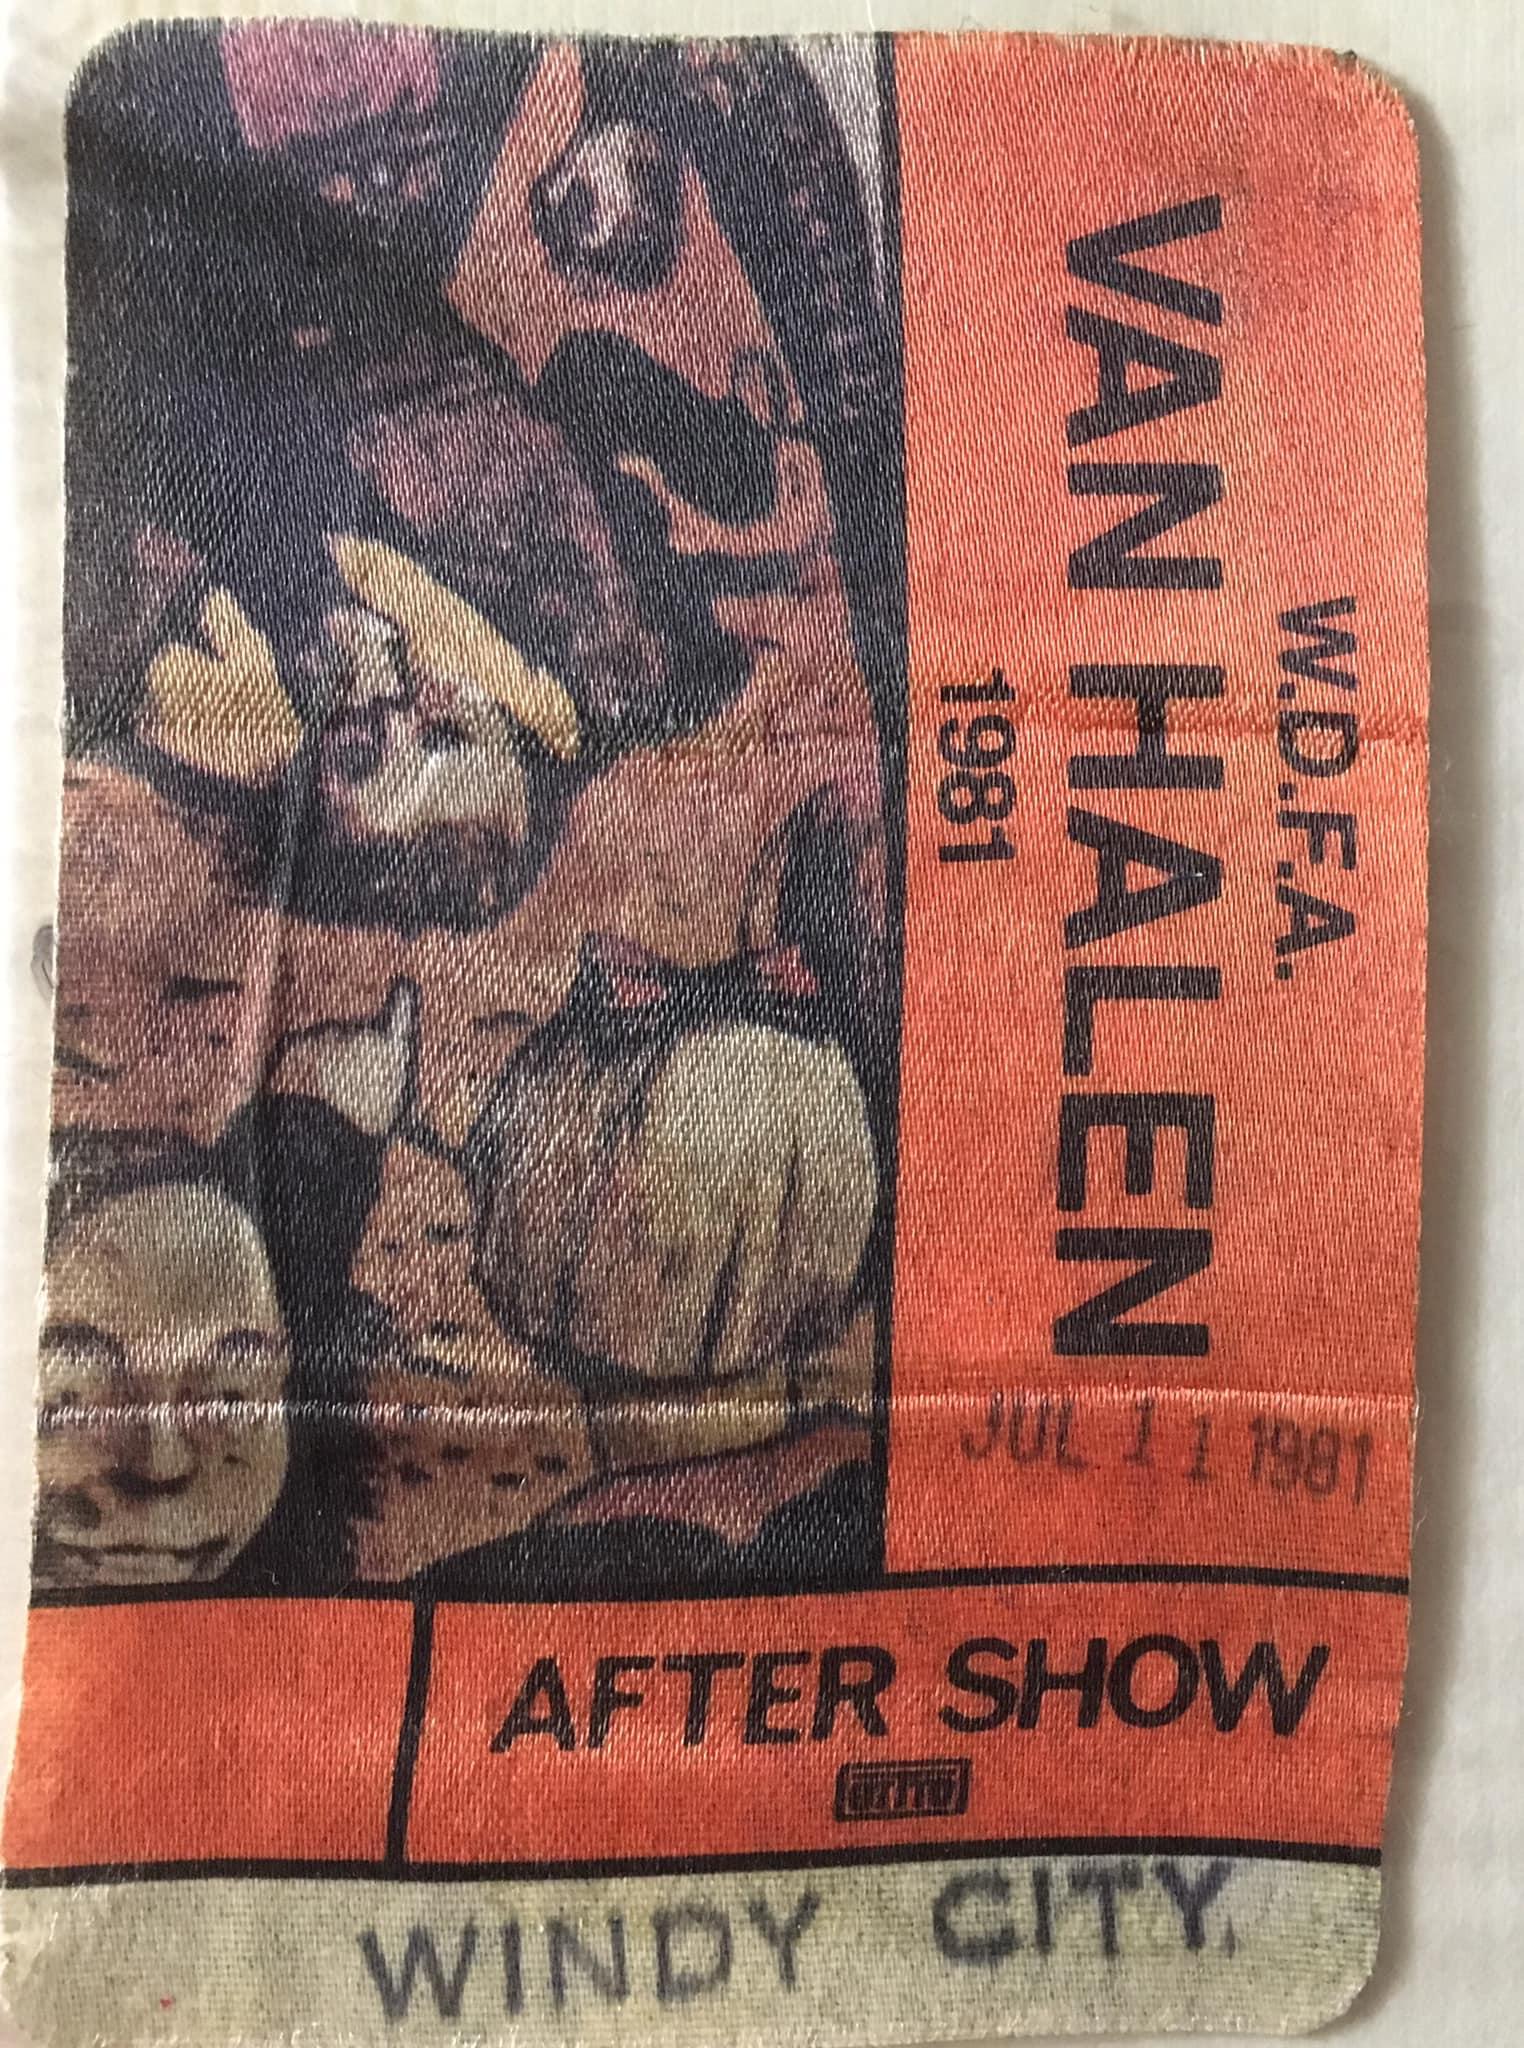 7/11/1981 Pass